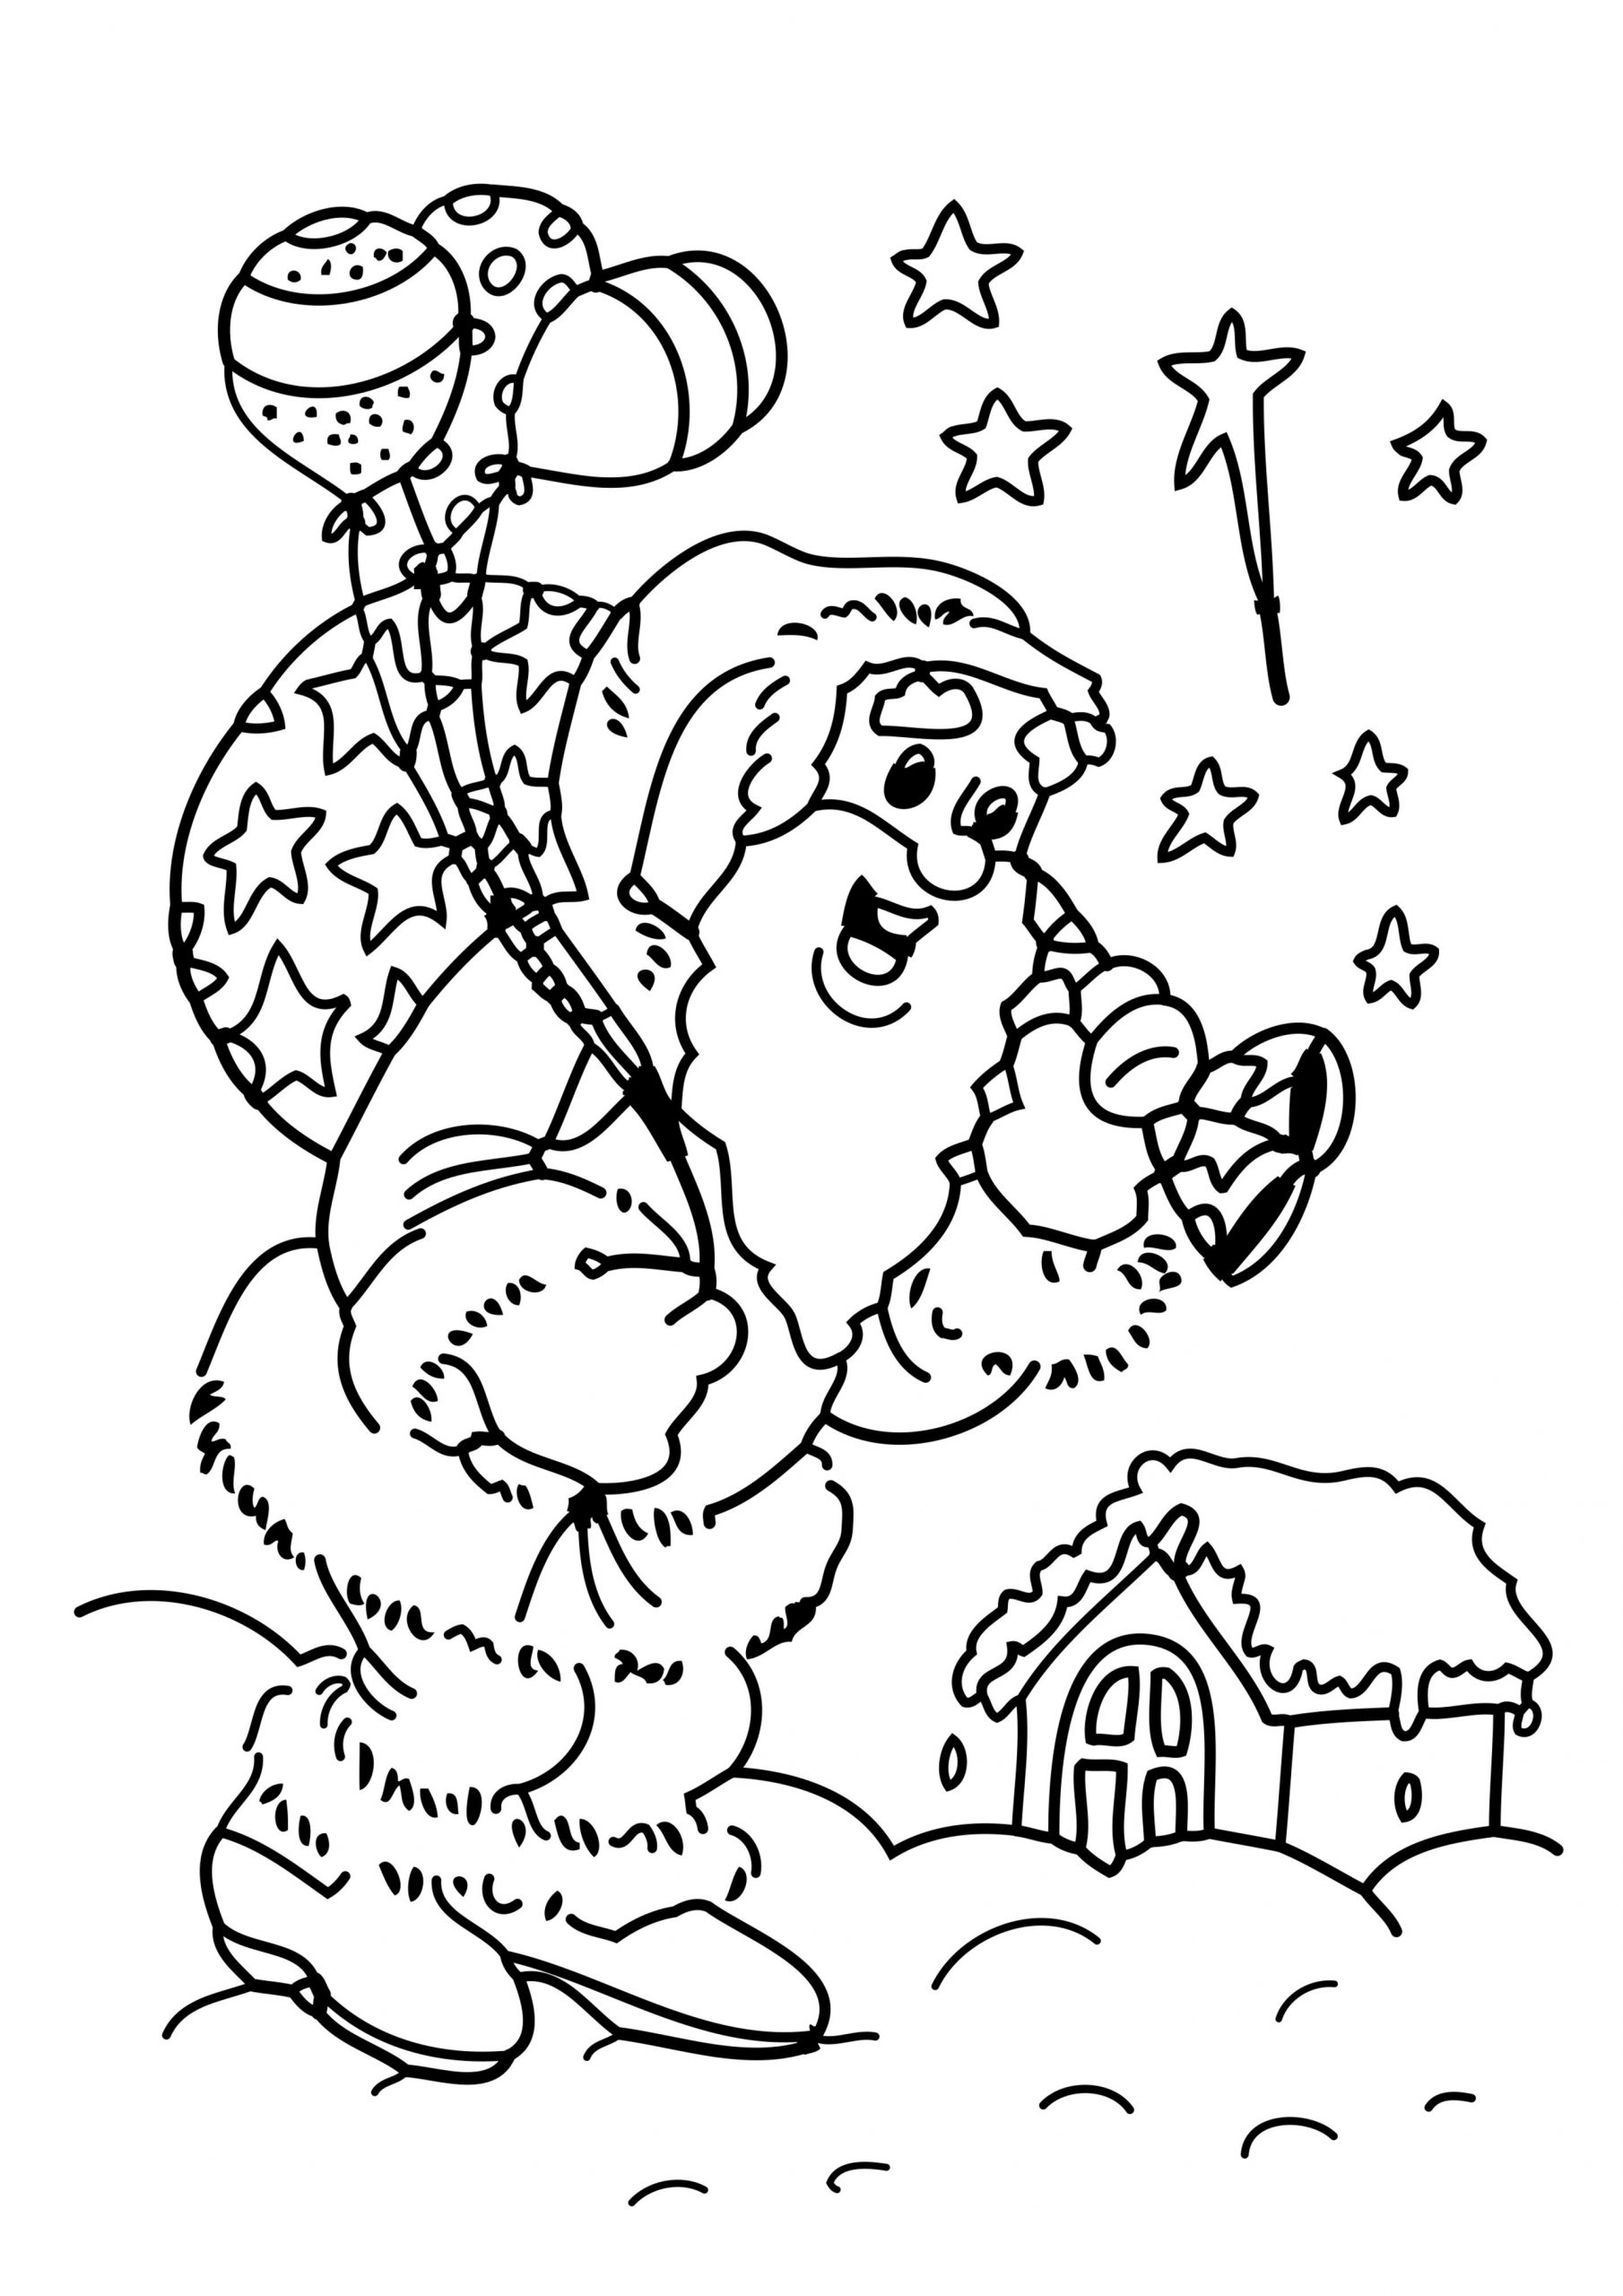 Coloriage Et Dessin Pere Noel À Imprimer | Coloriage Noel pour Dessins Pere Noel Imprimer